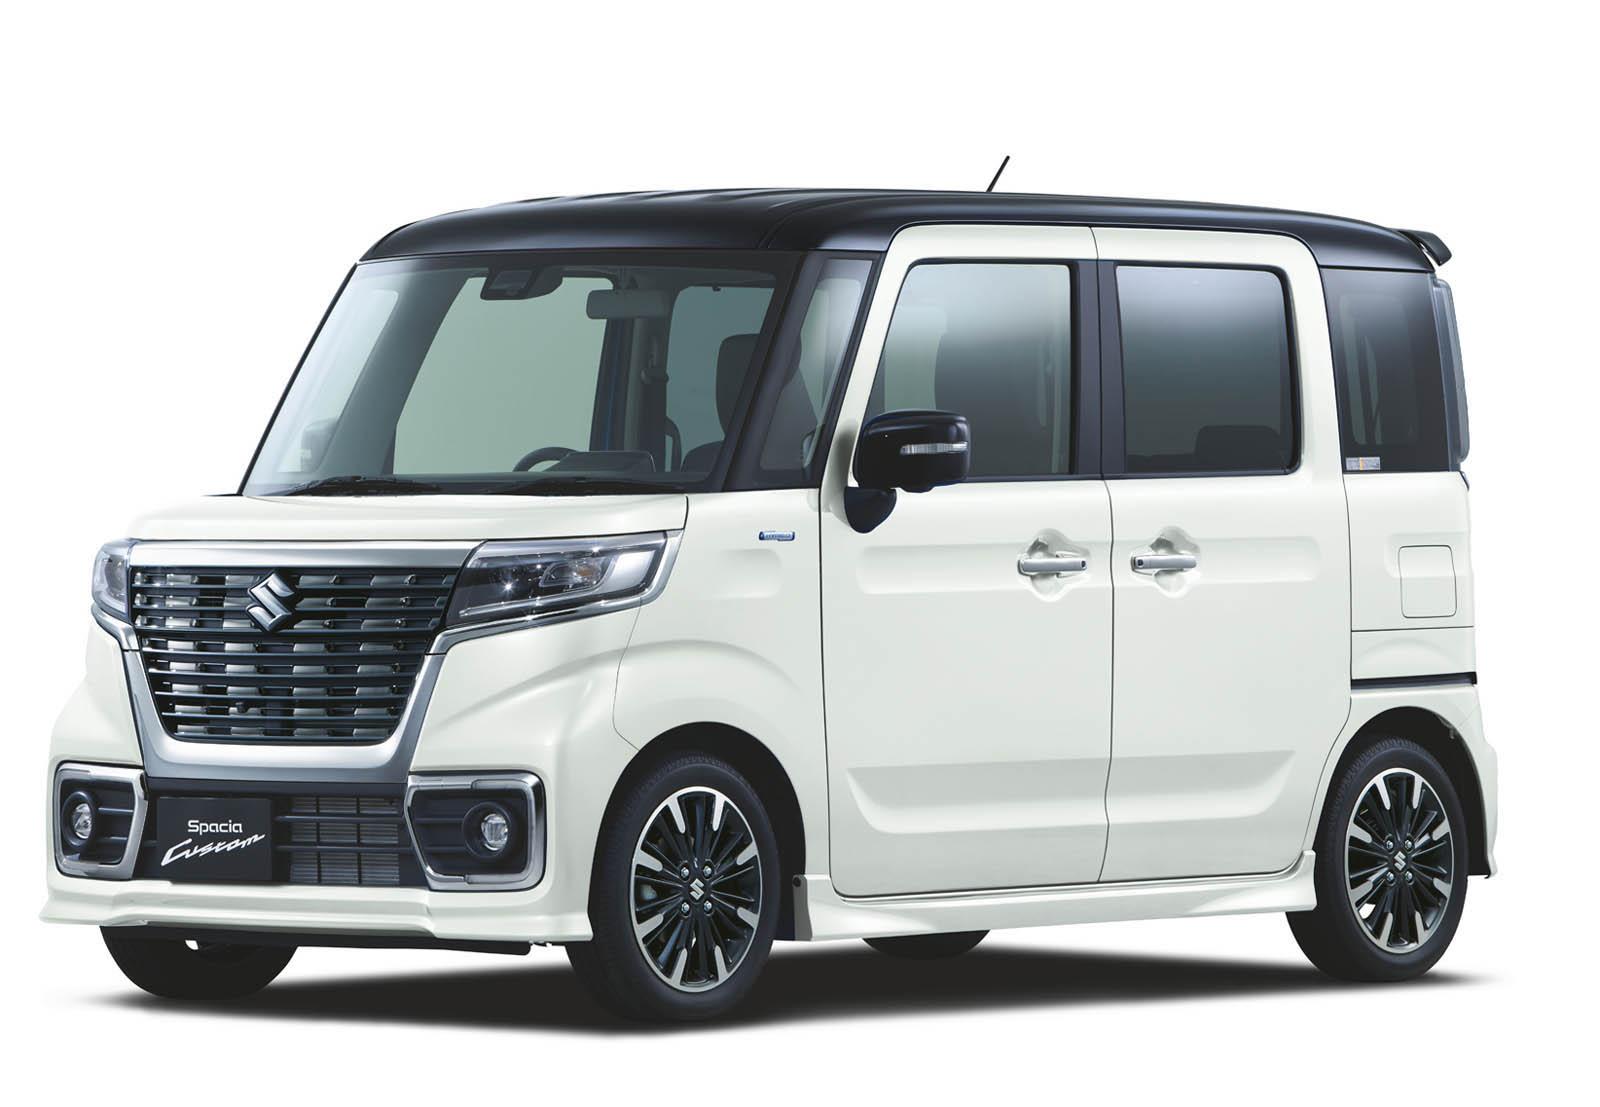 Suzuki Spacia 2018 (17)